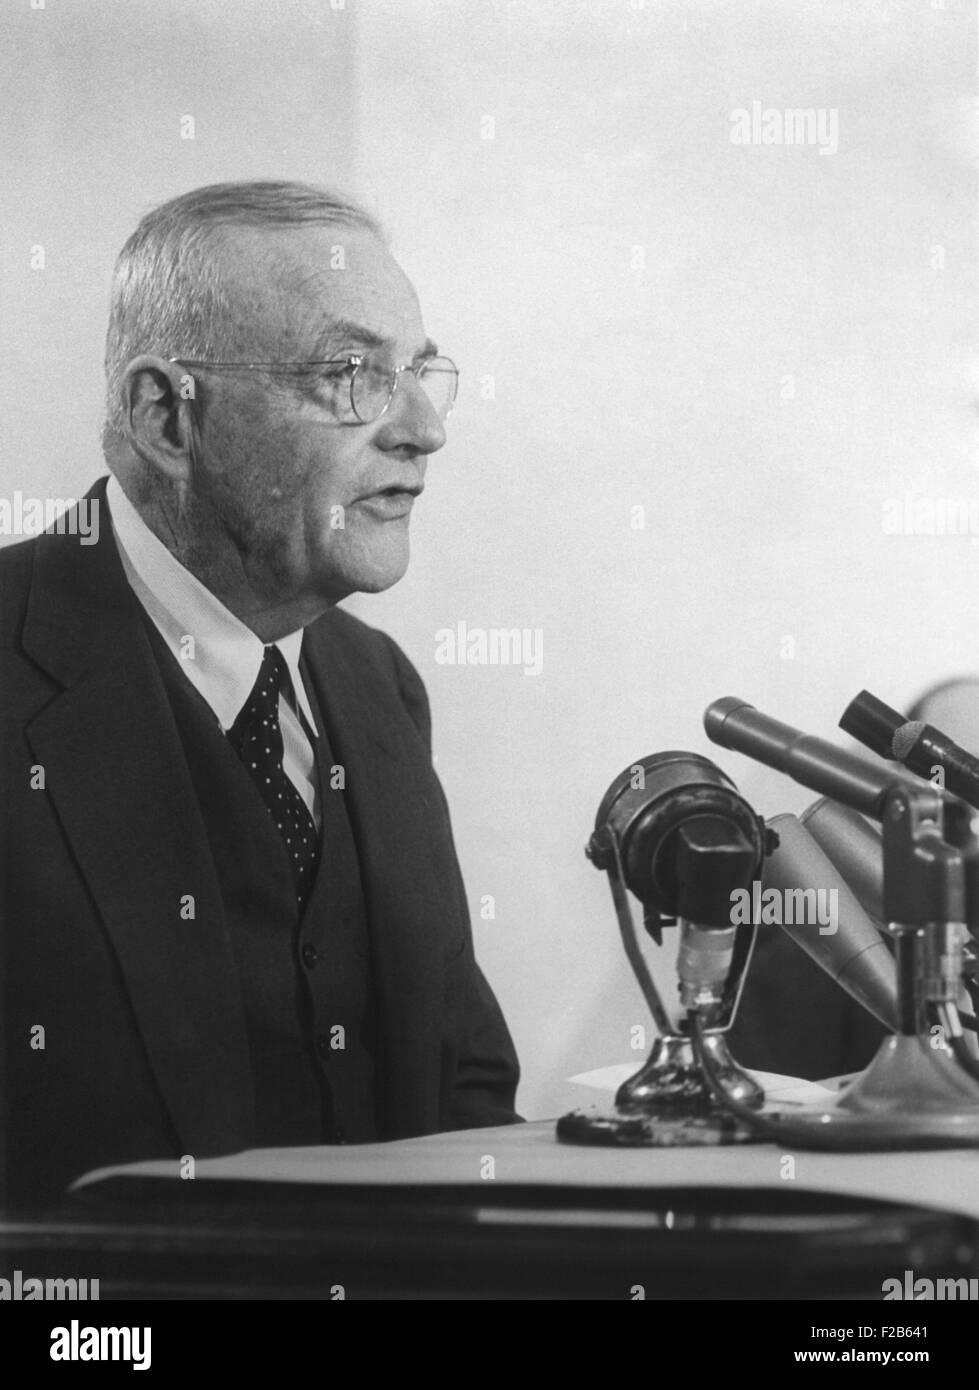 Le secrétaire d'État John Foster Dulles a parler dans les microphones. 3 février 1959. Il était Photo Stock